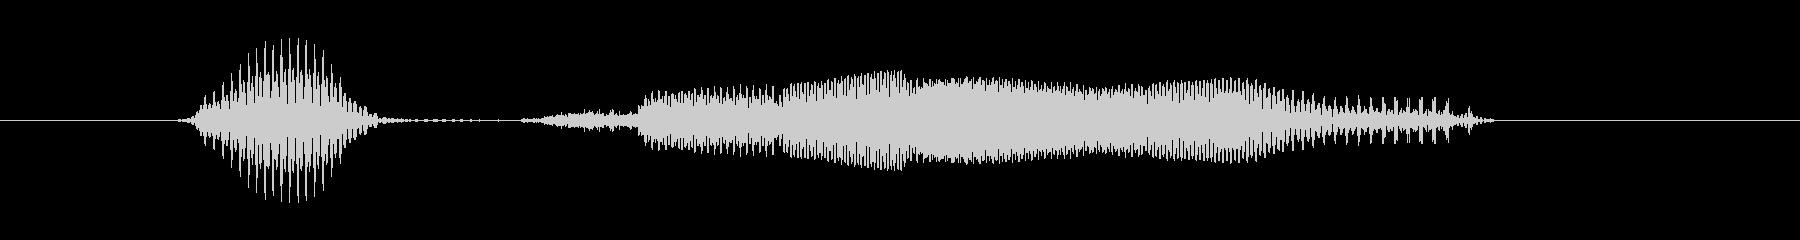 生き物の未再生の波形